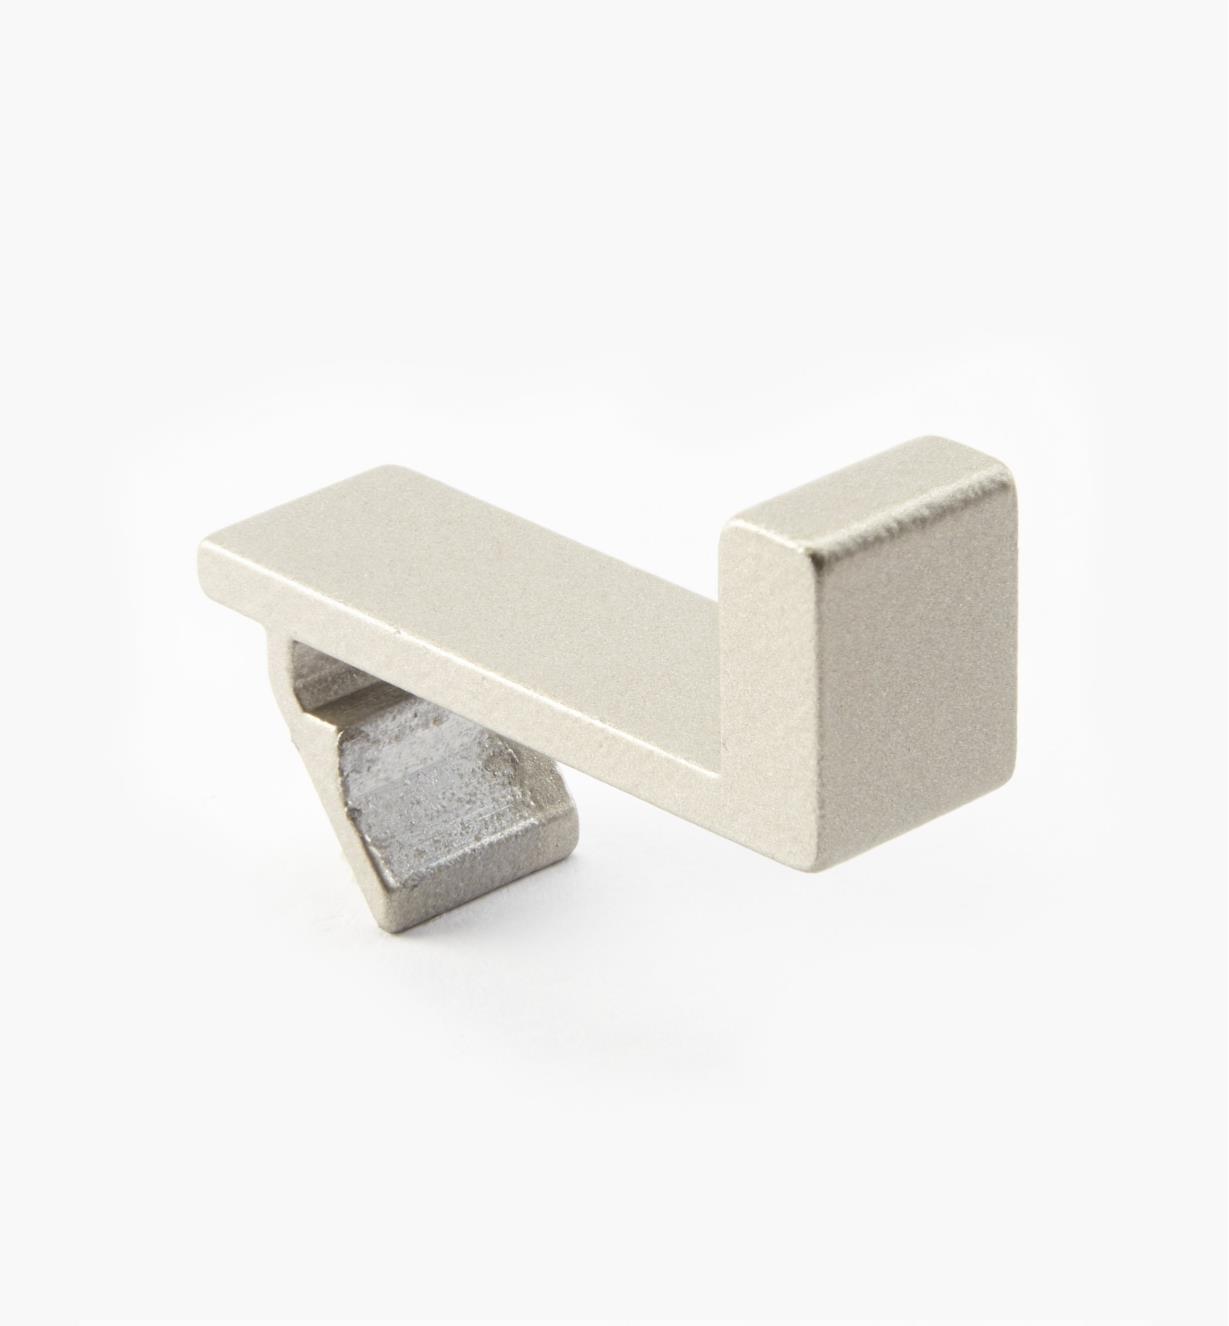 12K5127 - Crochet pour rail en aluminium, l'unité